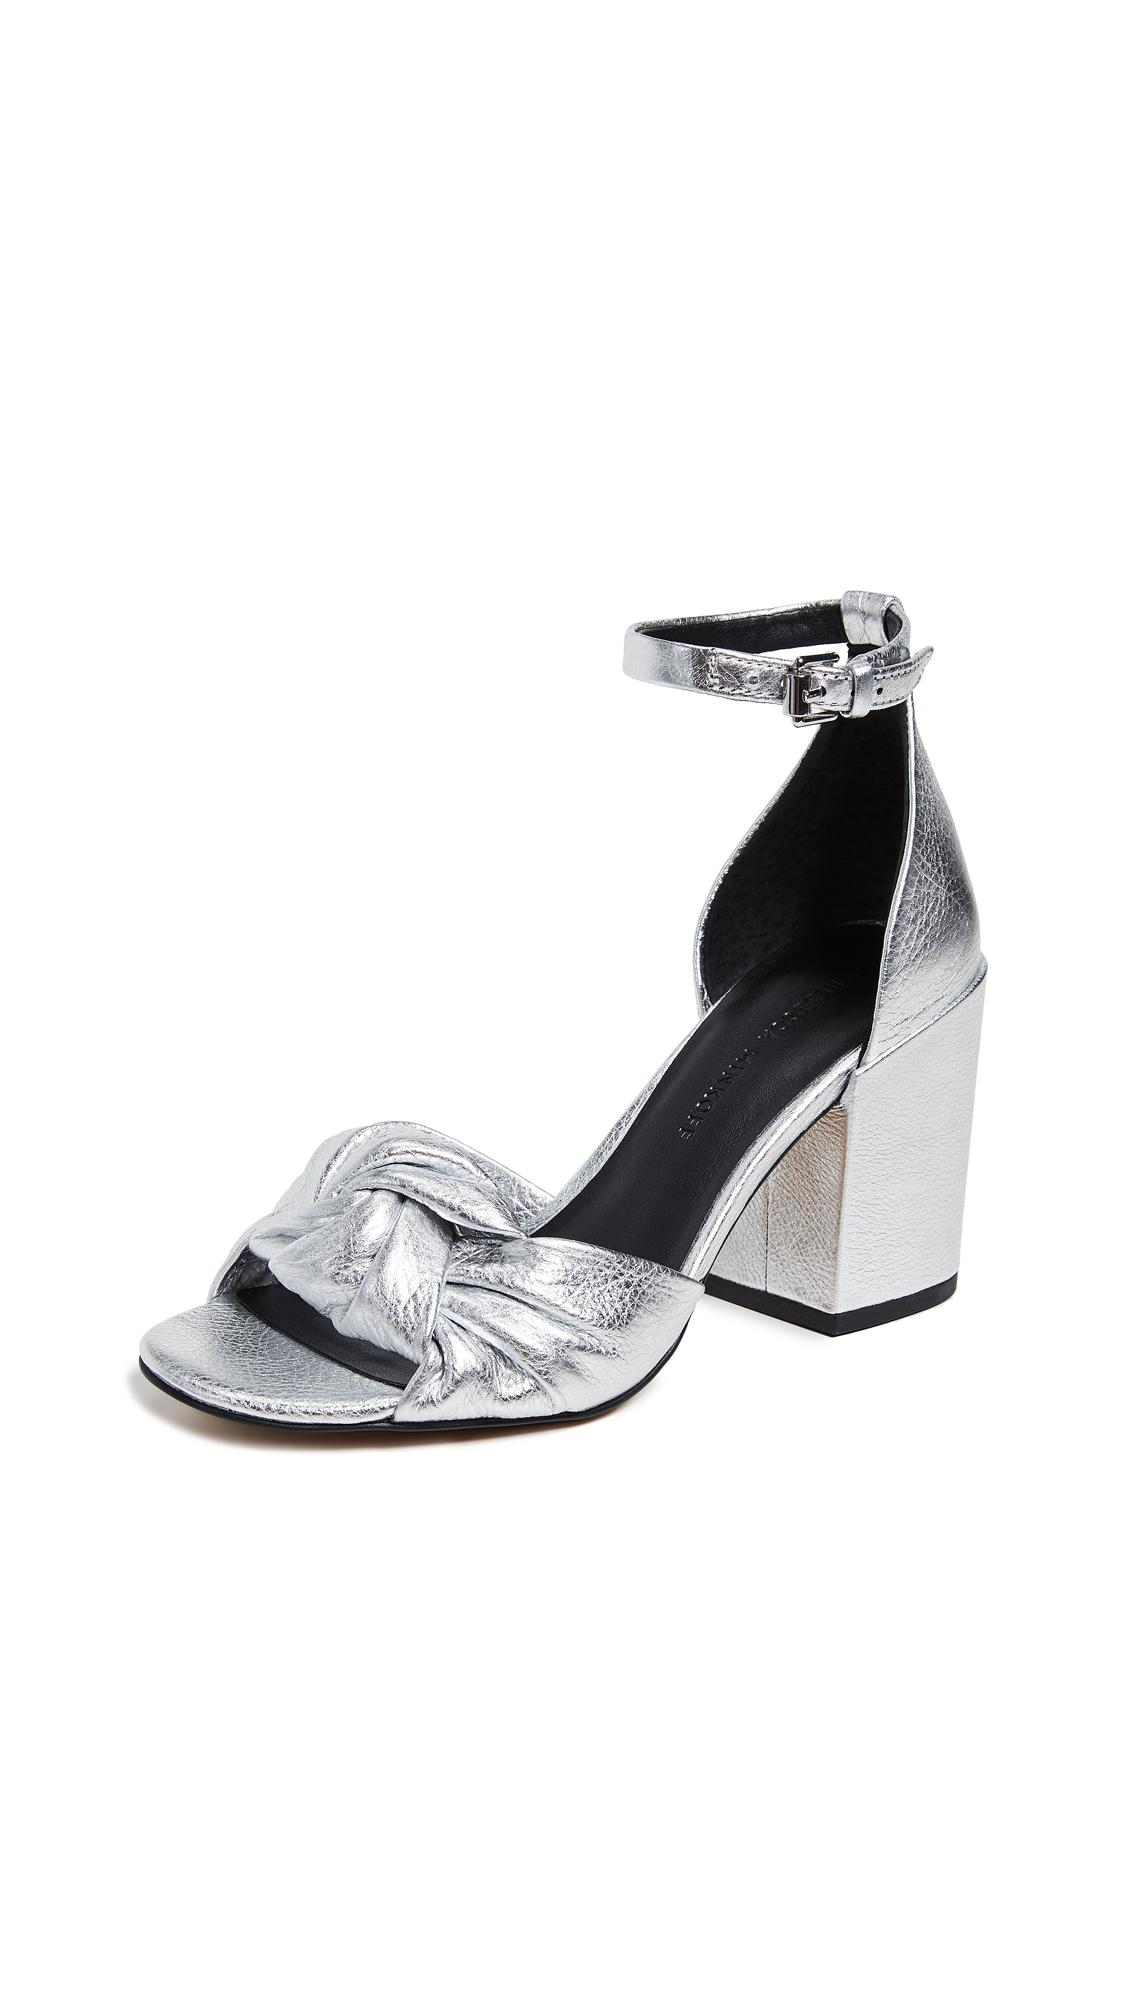 Rebecca Minkoff Capriana DOrsay Sandals - Silver